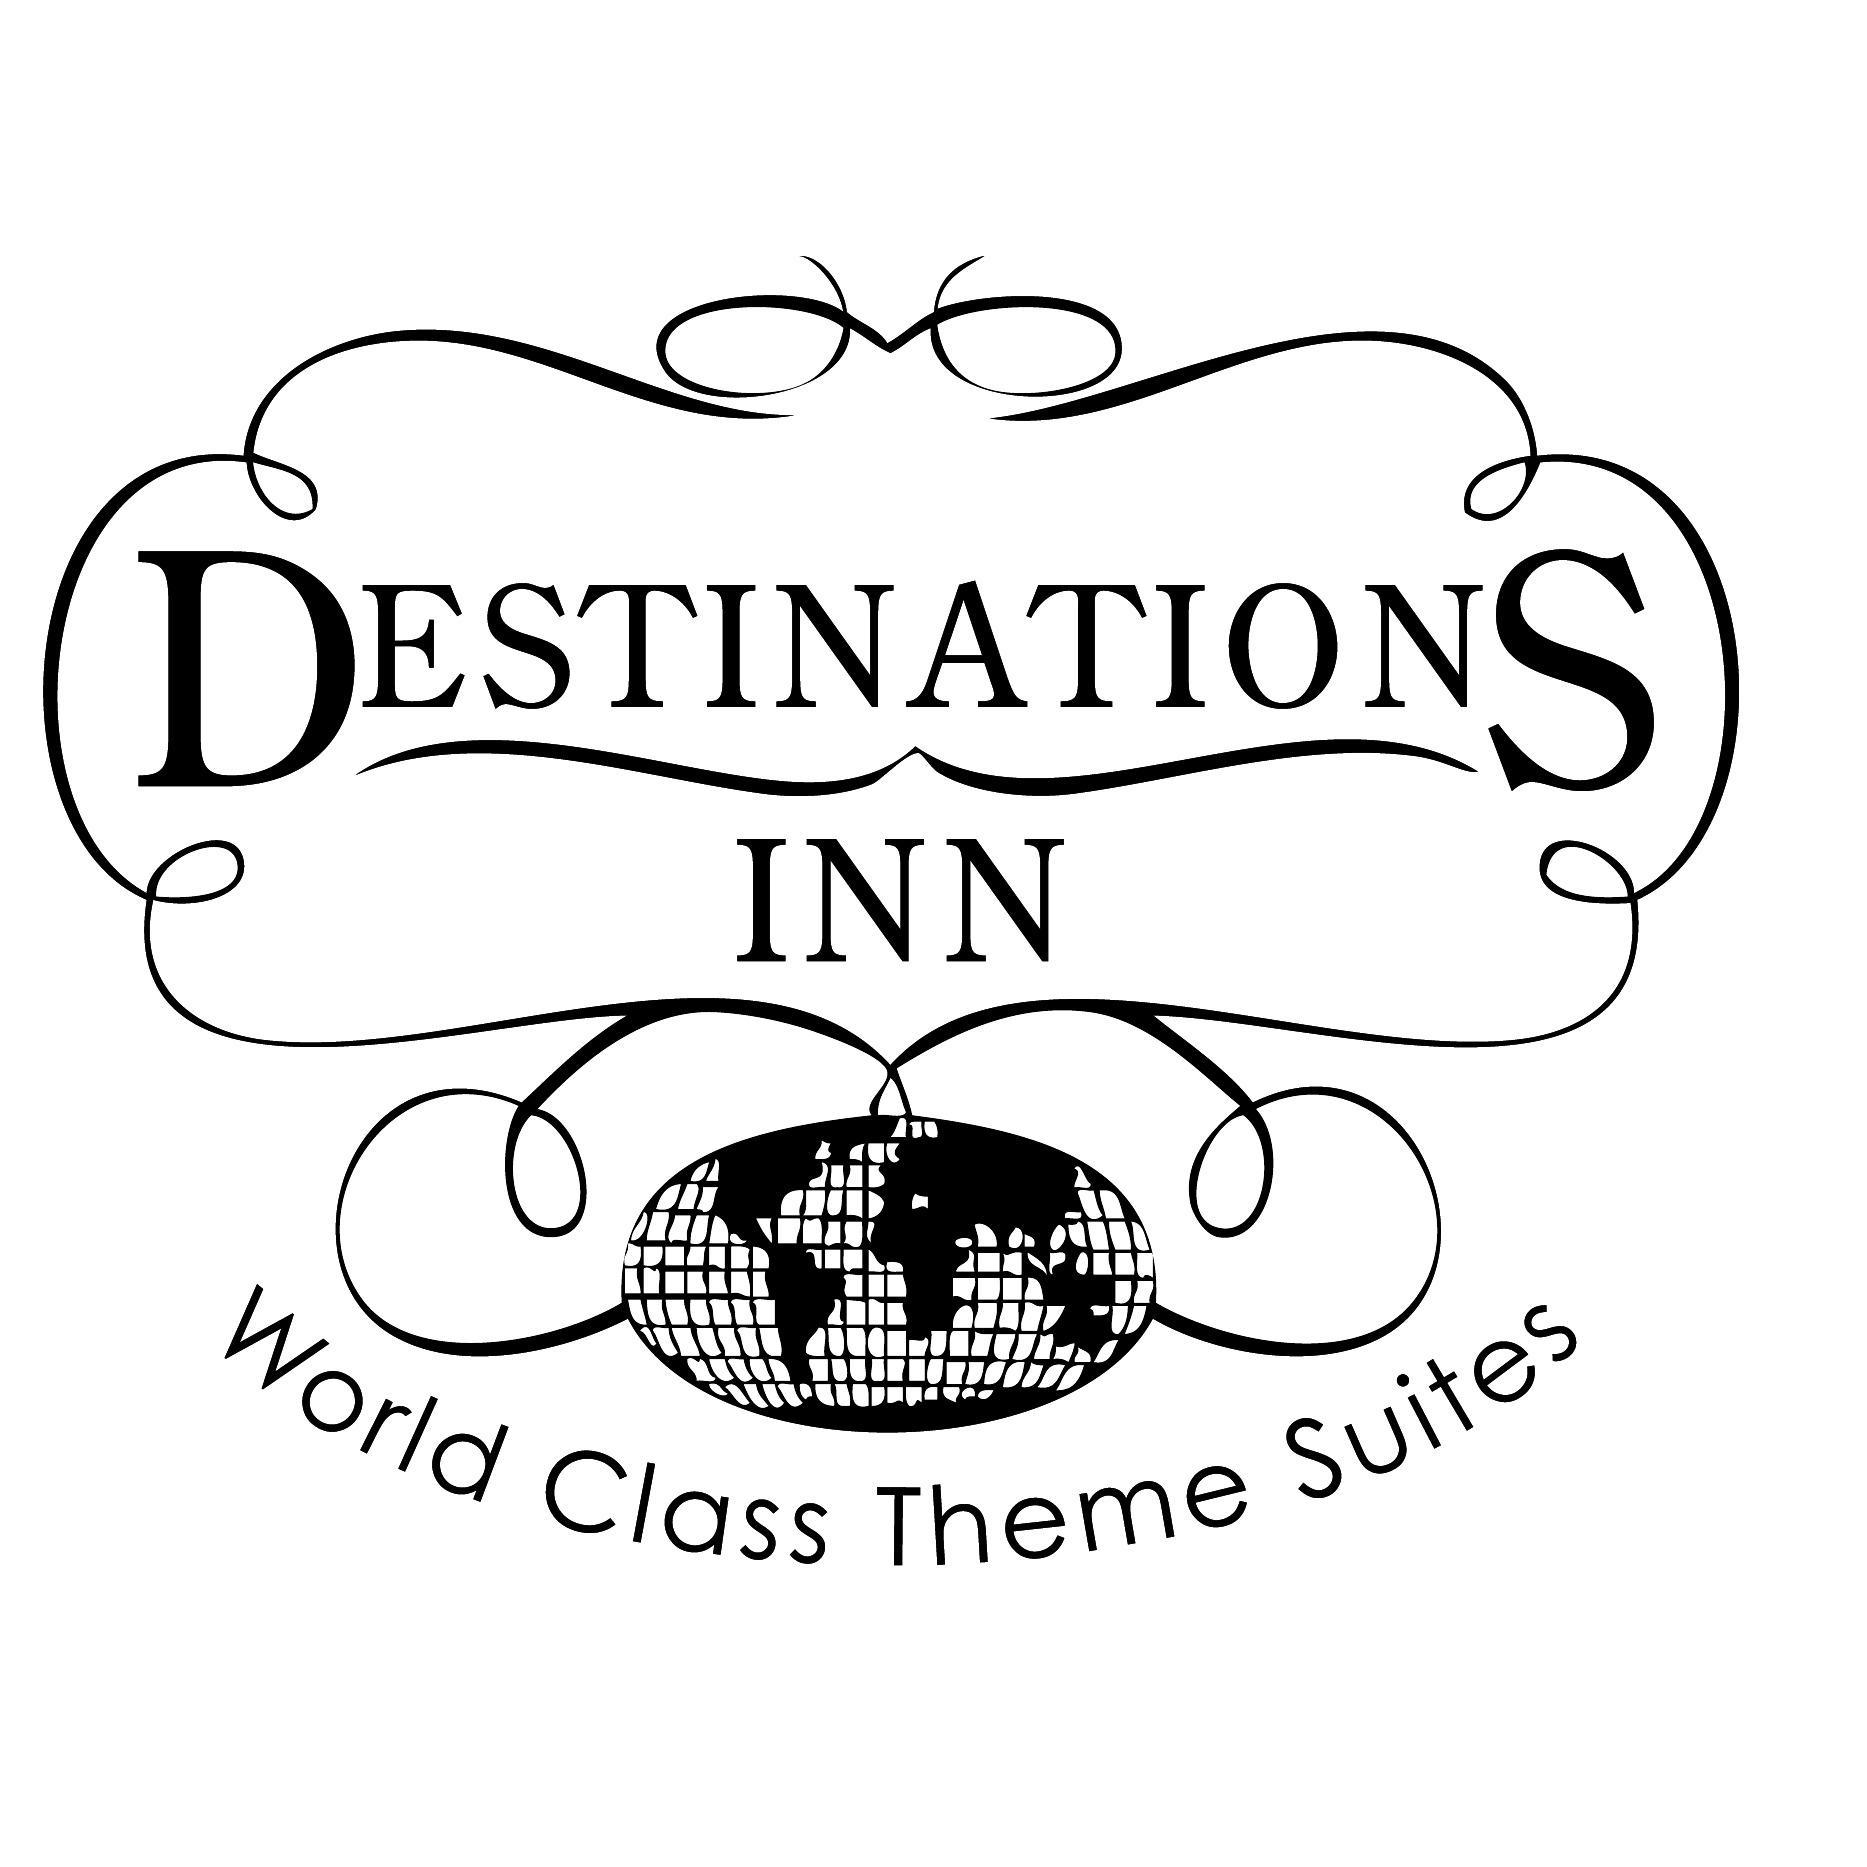 Destinations Inn